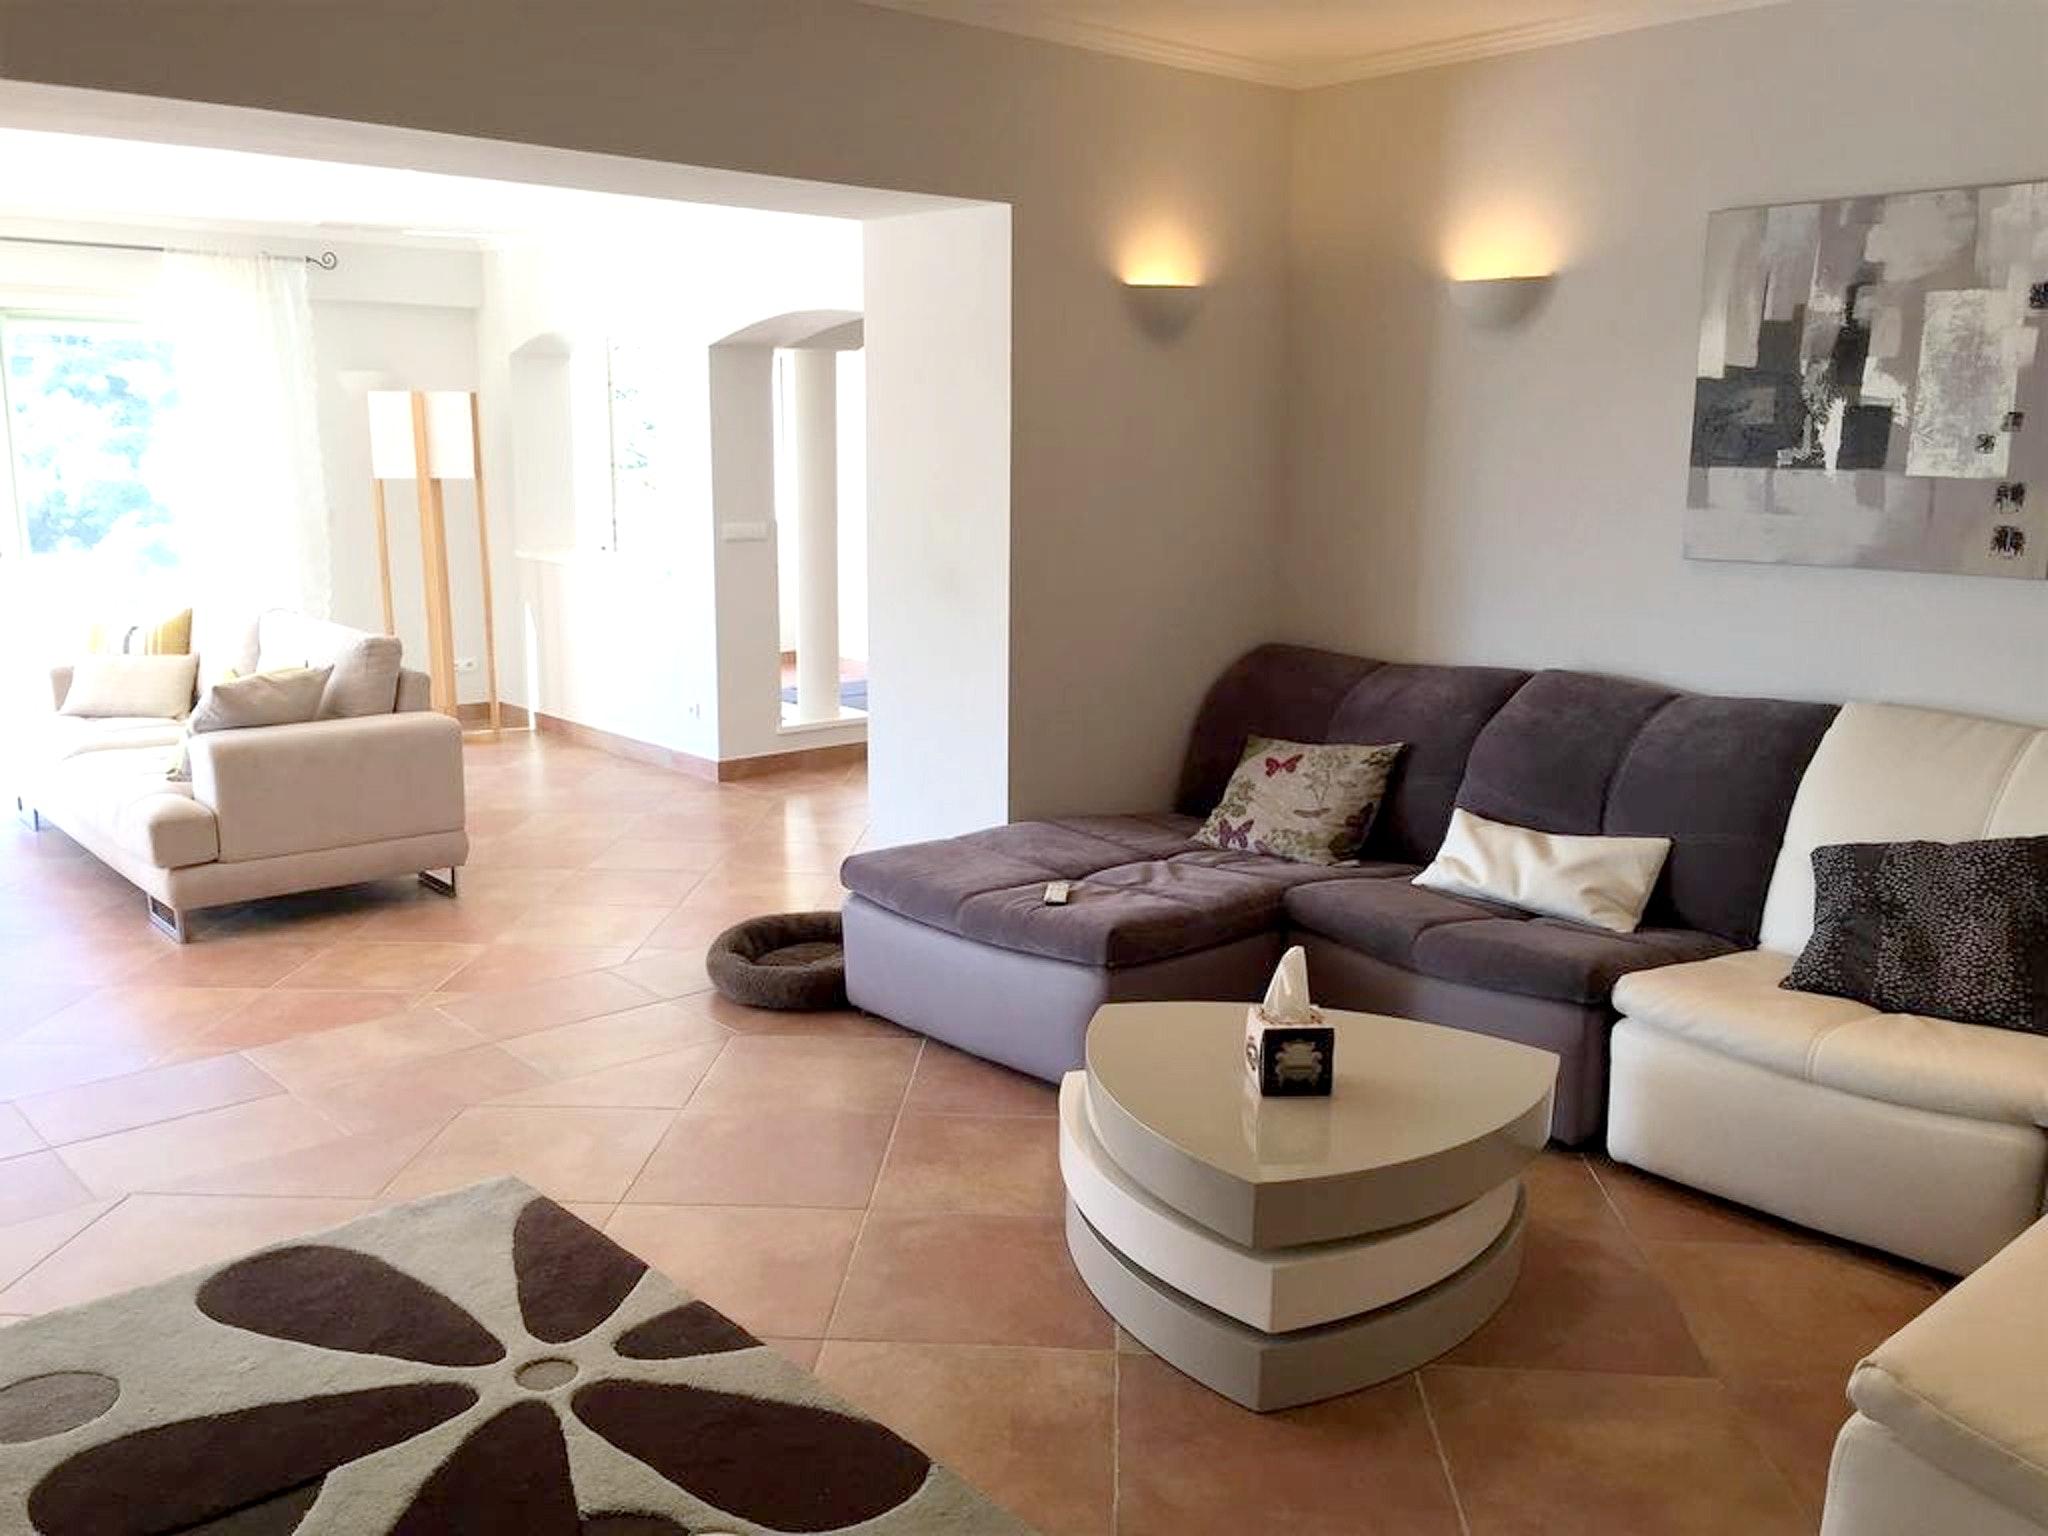 Maison de vacances Villa mit 5 Schlafzimmern in Rayol-Canadel-sur-Mer mit toller Aussicht auf die Berge, priv (2201555), Le Lavandou, Côte d'Azur, Provence - Alpes - Côte d'Azur, France, image 10